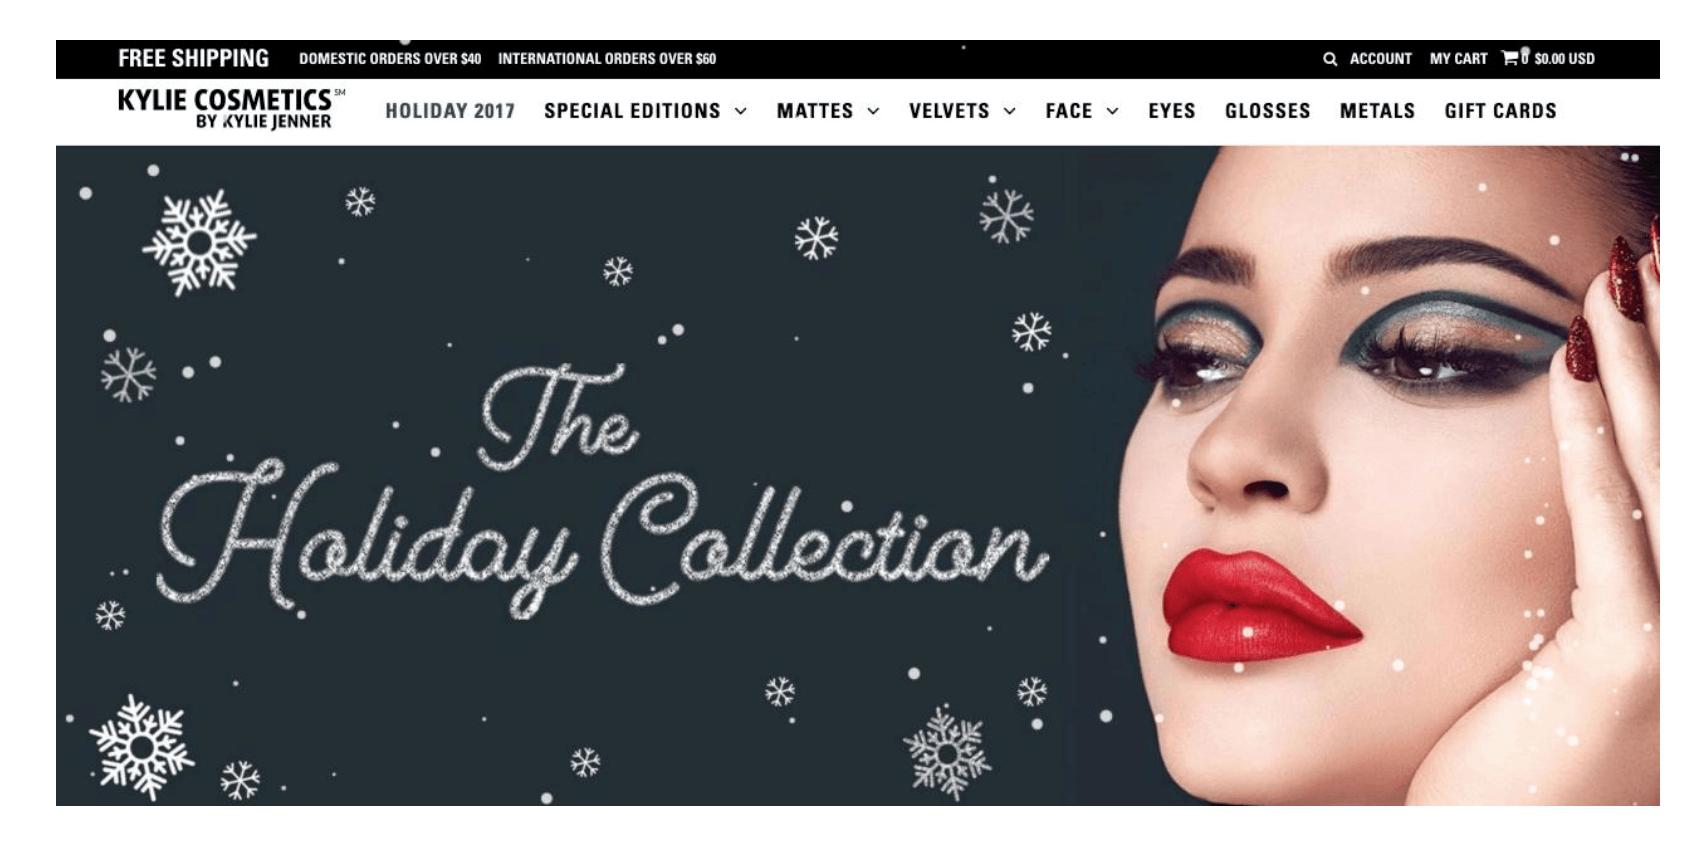 e-commerce inspirador Kylie Cosmetics